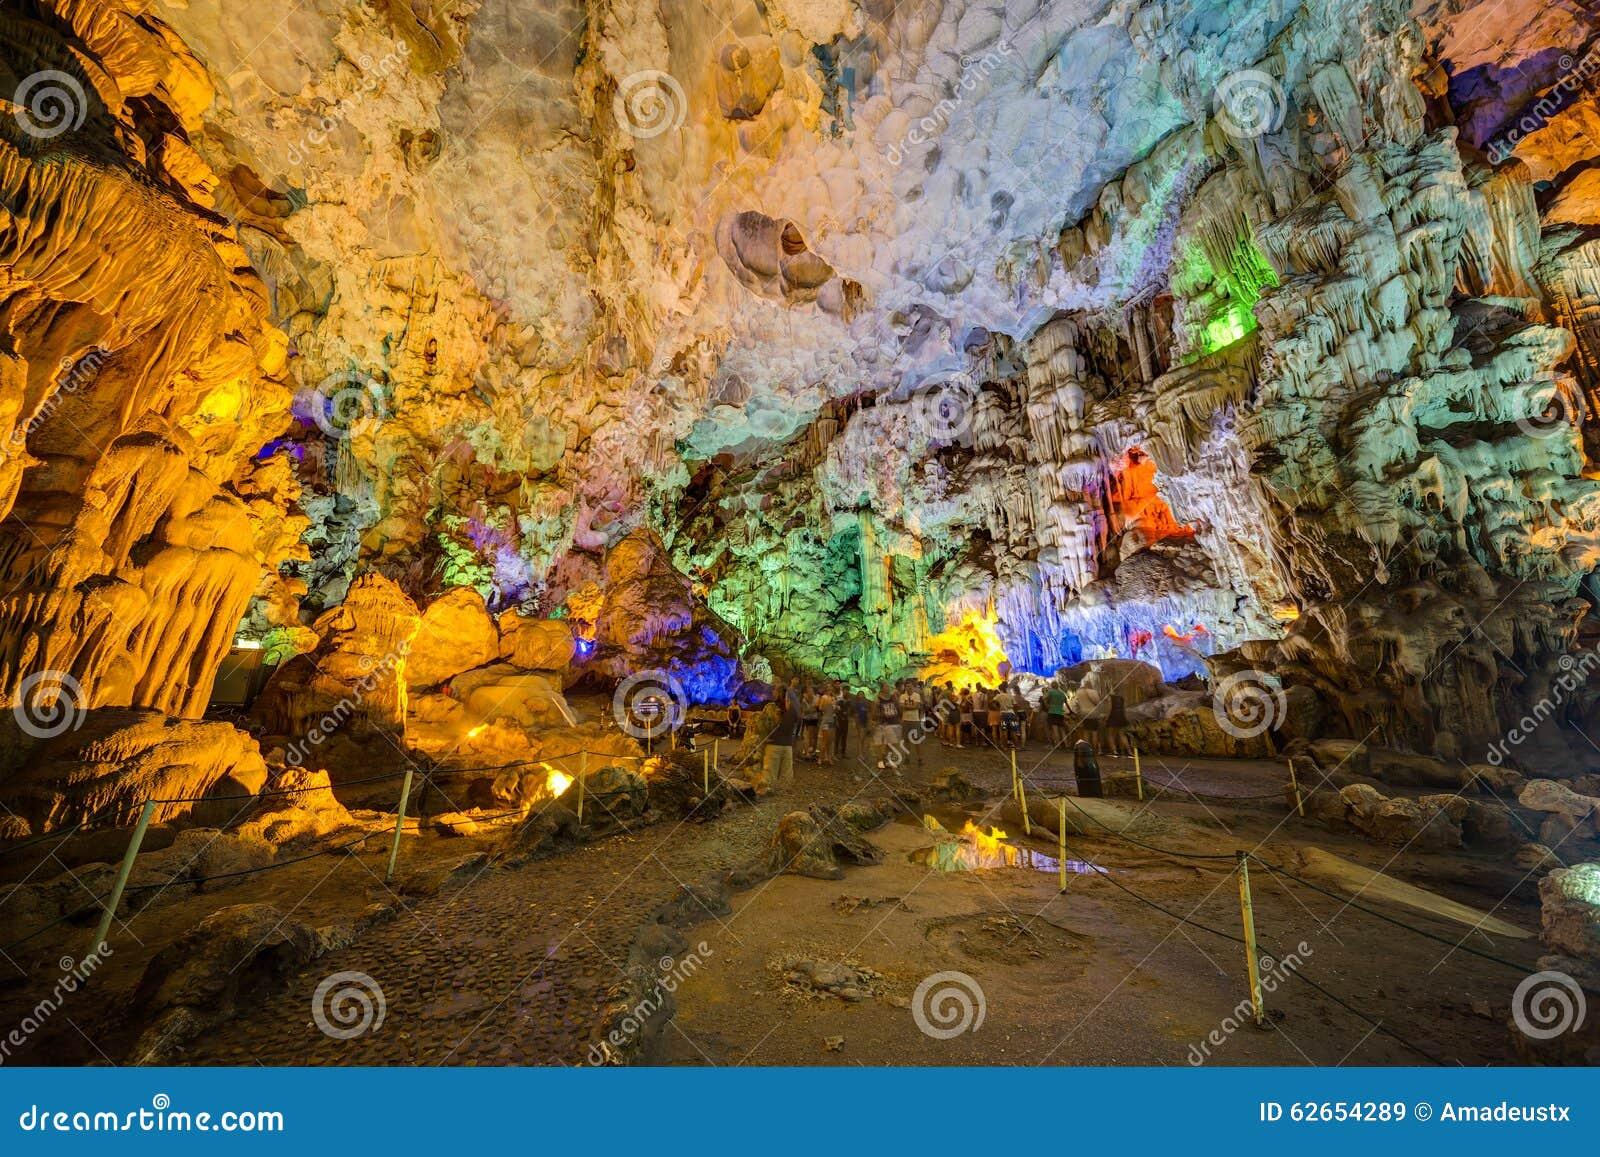 DAU GEHEN HÖHLE, VIETNAM - CIRCA IM AUGUST 2015: Bunte Beleuchtung in Dau gehen Höhle in Halong-Bucht, Vietnam